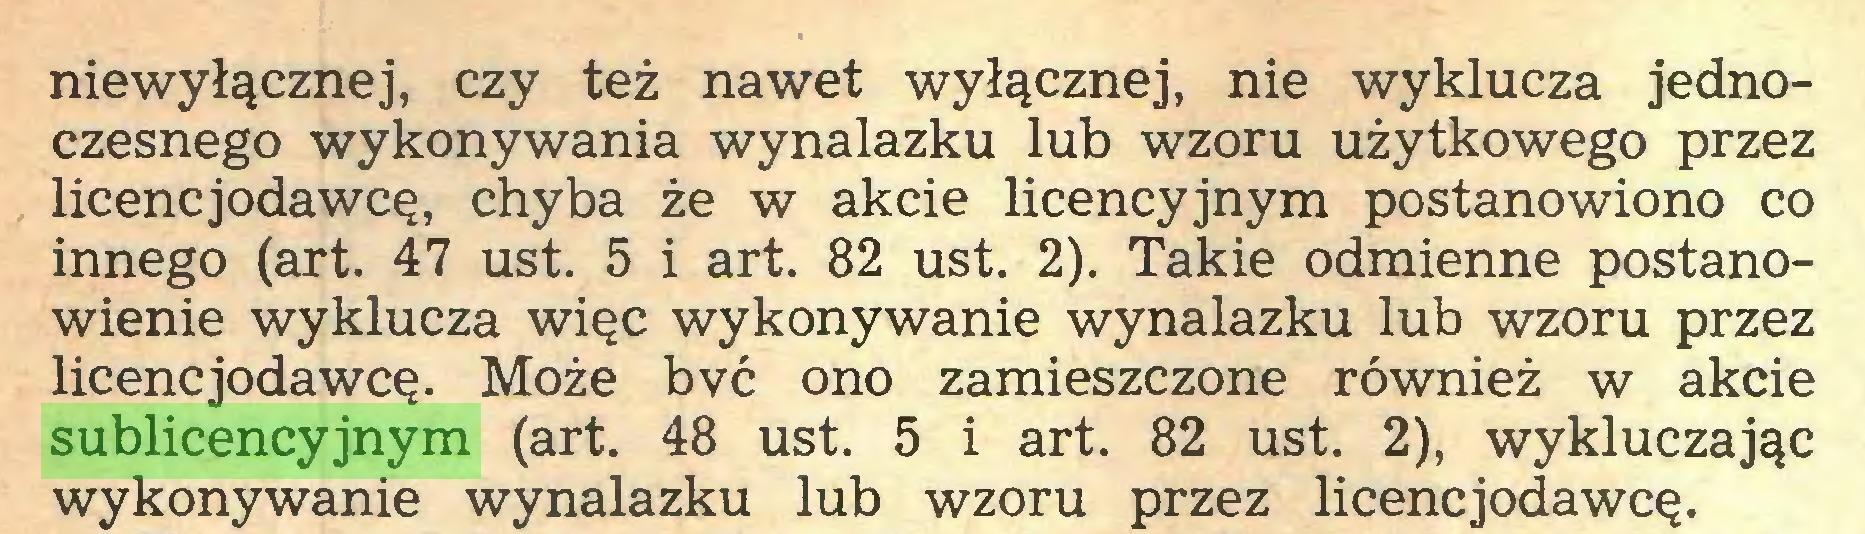 (...) niewyłącznej, czy też nawet wyłącznej, nie wyklucza jednoczesnego wykonywania wynalazku lub wzoru użytkowego przez licencjodawcę, chyba że w akcie licencyjnym postanowiono co innego (art. 47 ust. 5 i art. 82 ust. 2). Takie odmienne postanowienie wyklucza więc wykonywanie wynalazku lub wzoru przez licencjodawcę. Może bvć ono zamieszczone również w akcie sublicencyjnym (art. 48 ust. 5 i art. 82 ust. 2), wykluczając wykonywanie wynalazku lub wzoru przez licencjodawcę...